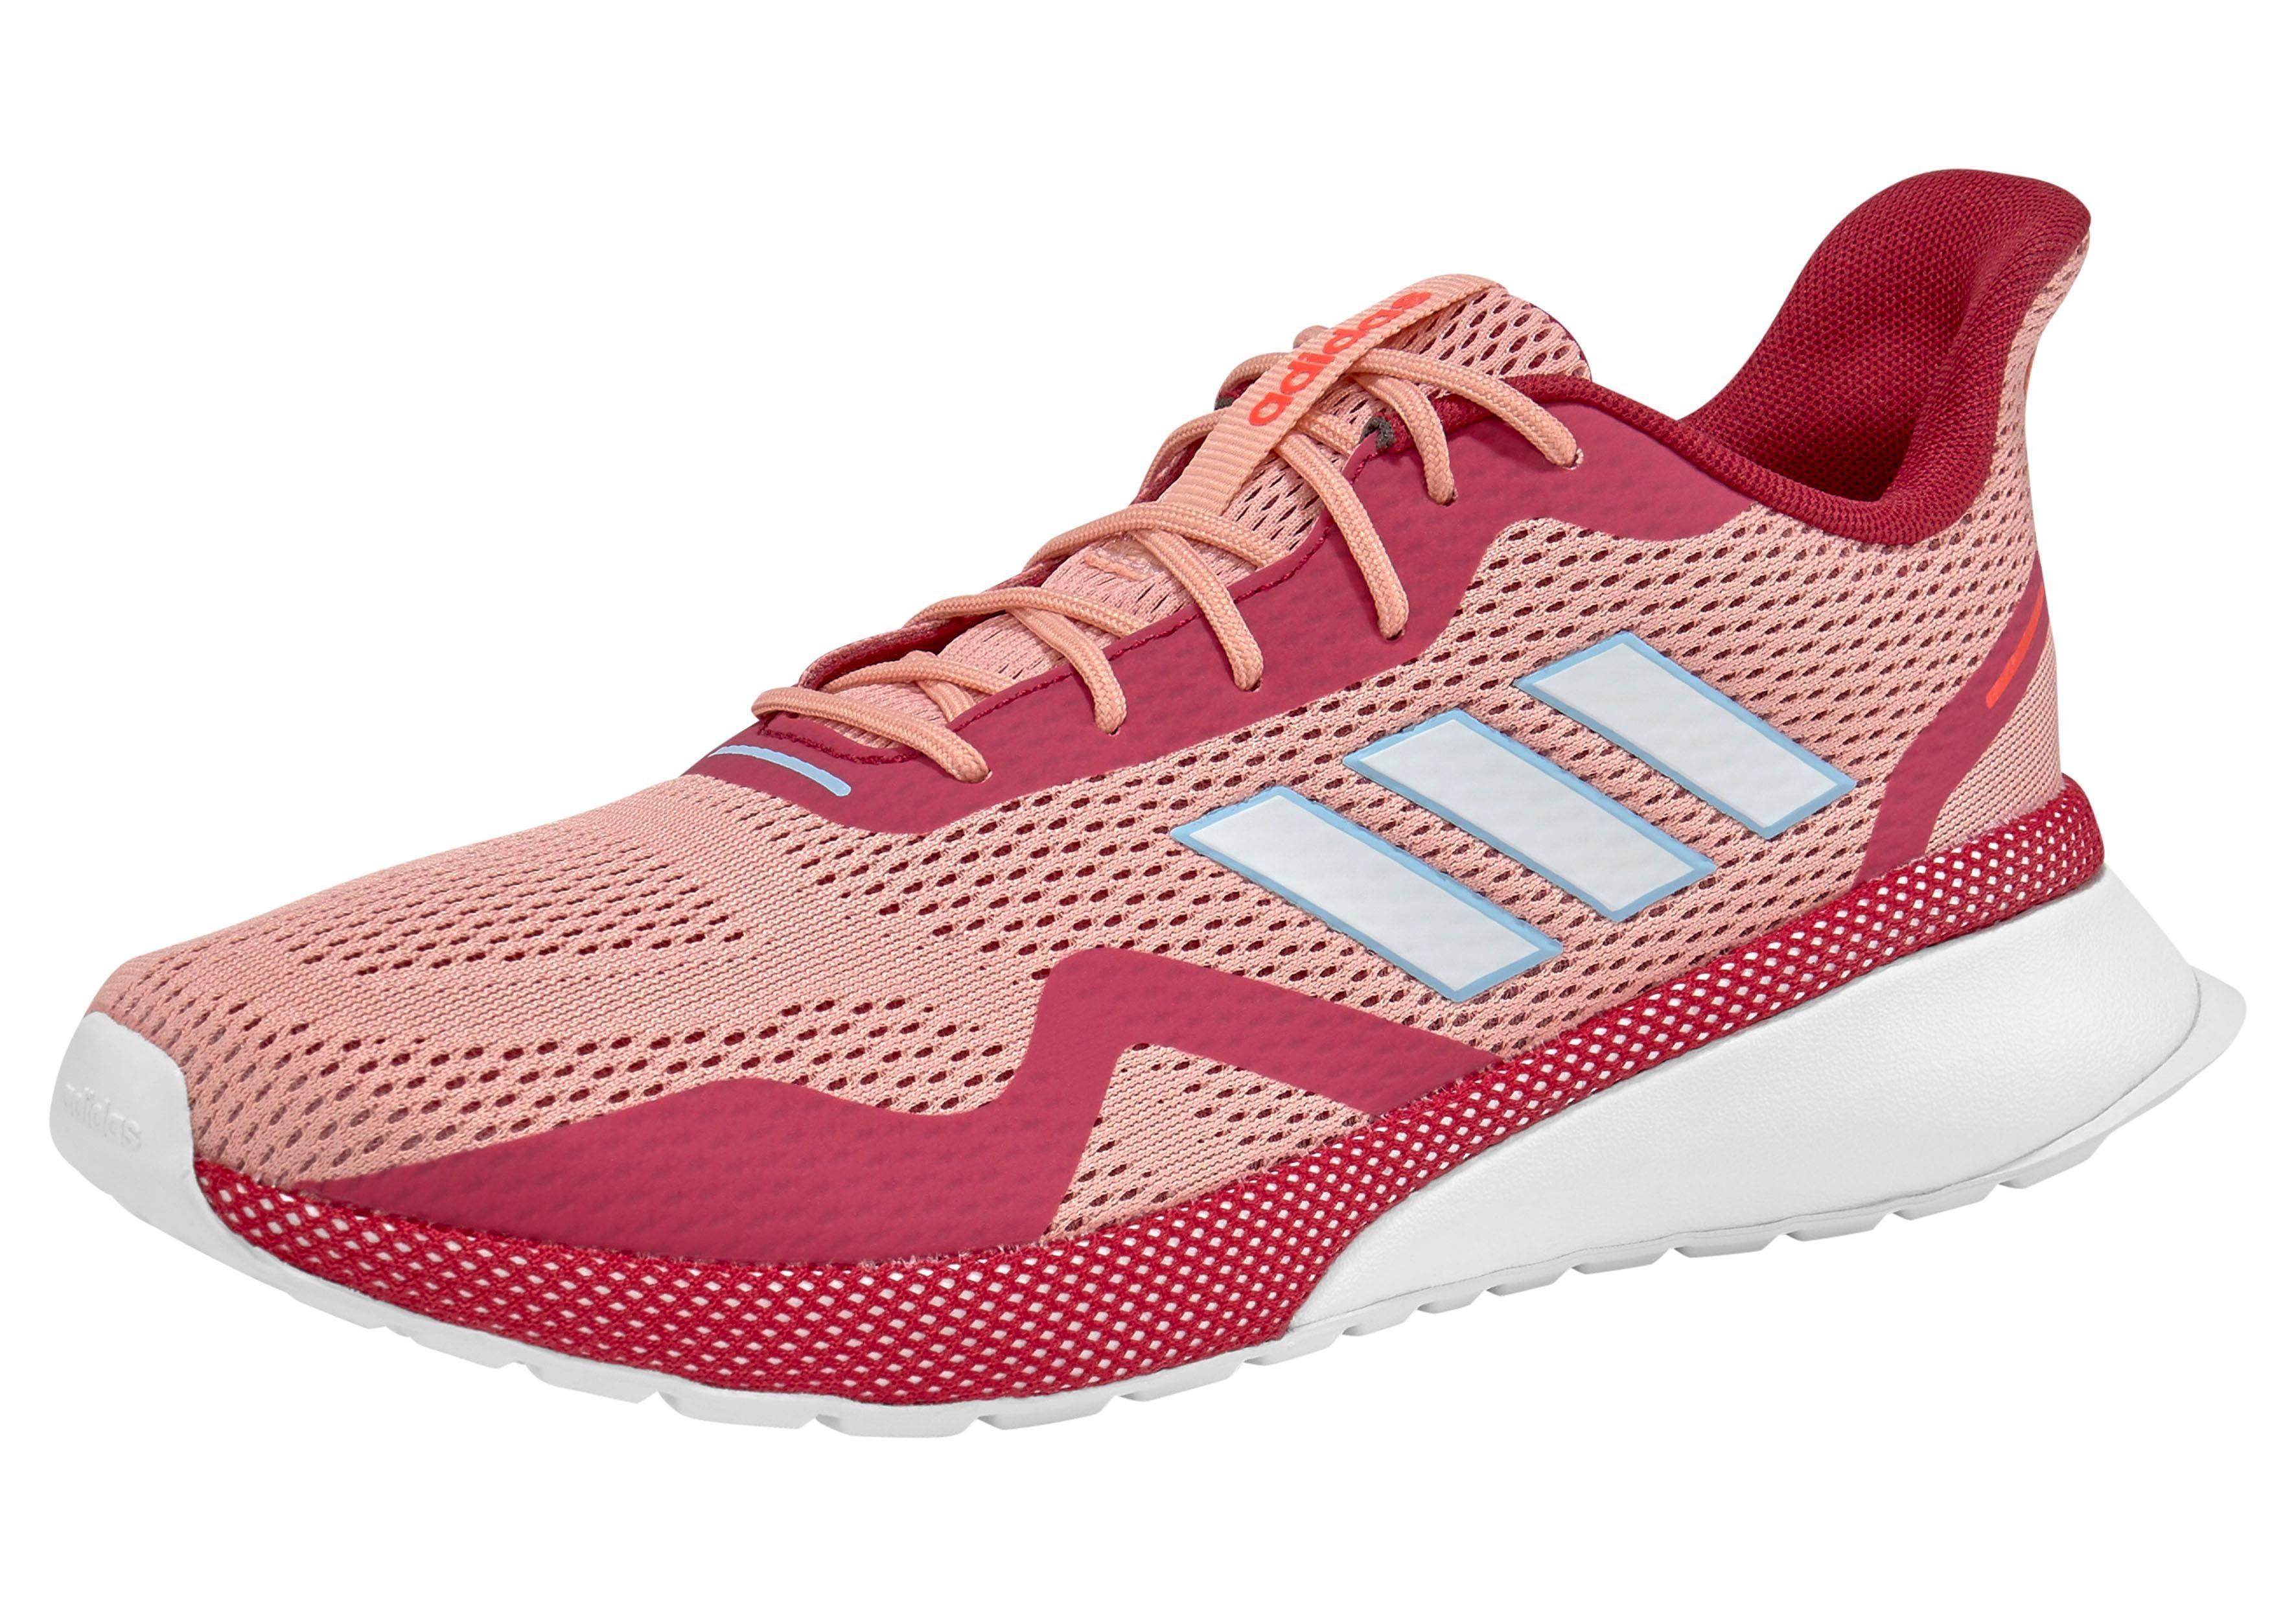 adidas »NOVA RUN X« Laufschuh, Leichter Laufschuh von adidas online kaufen   OTTO